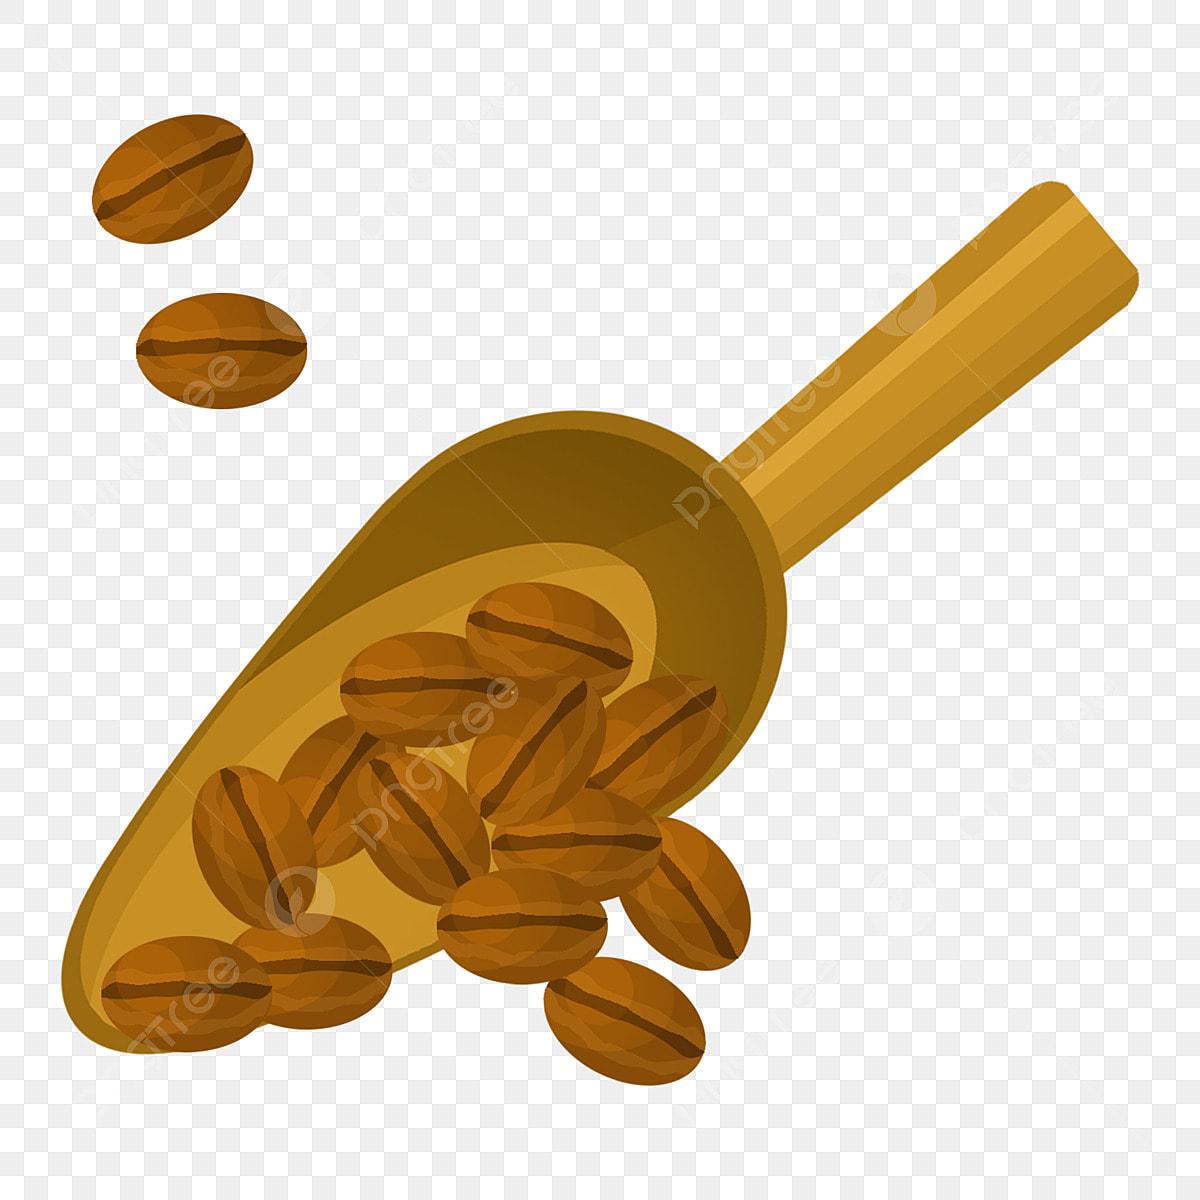 Gambar Biji Kopi Hitam Ilustrasi Biji Kopi Biji Kopi Ilustrasi Ilustrasi Kopi Kacang Ilustrasi Kacang Png Dan Psd Untuk Muat Turun Percuma